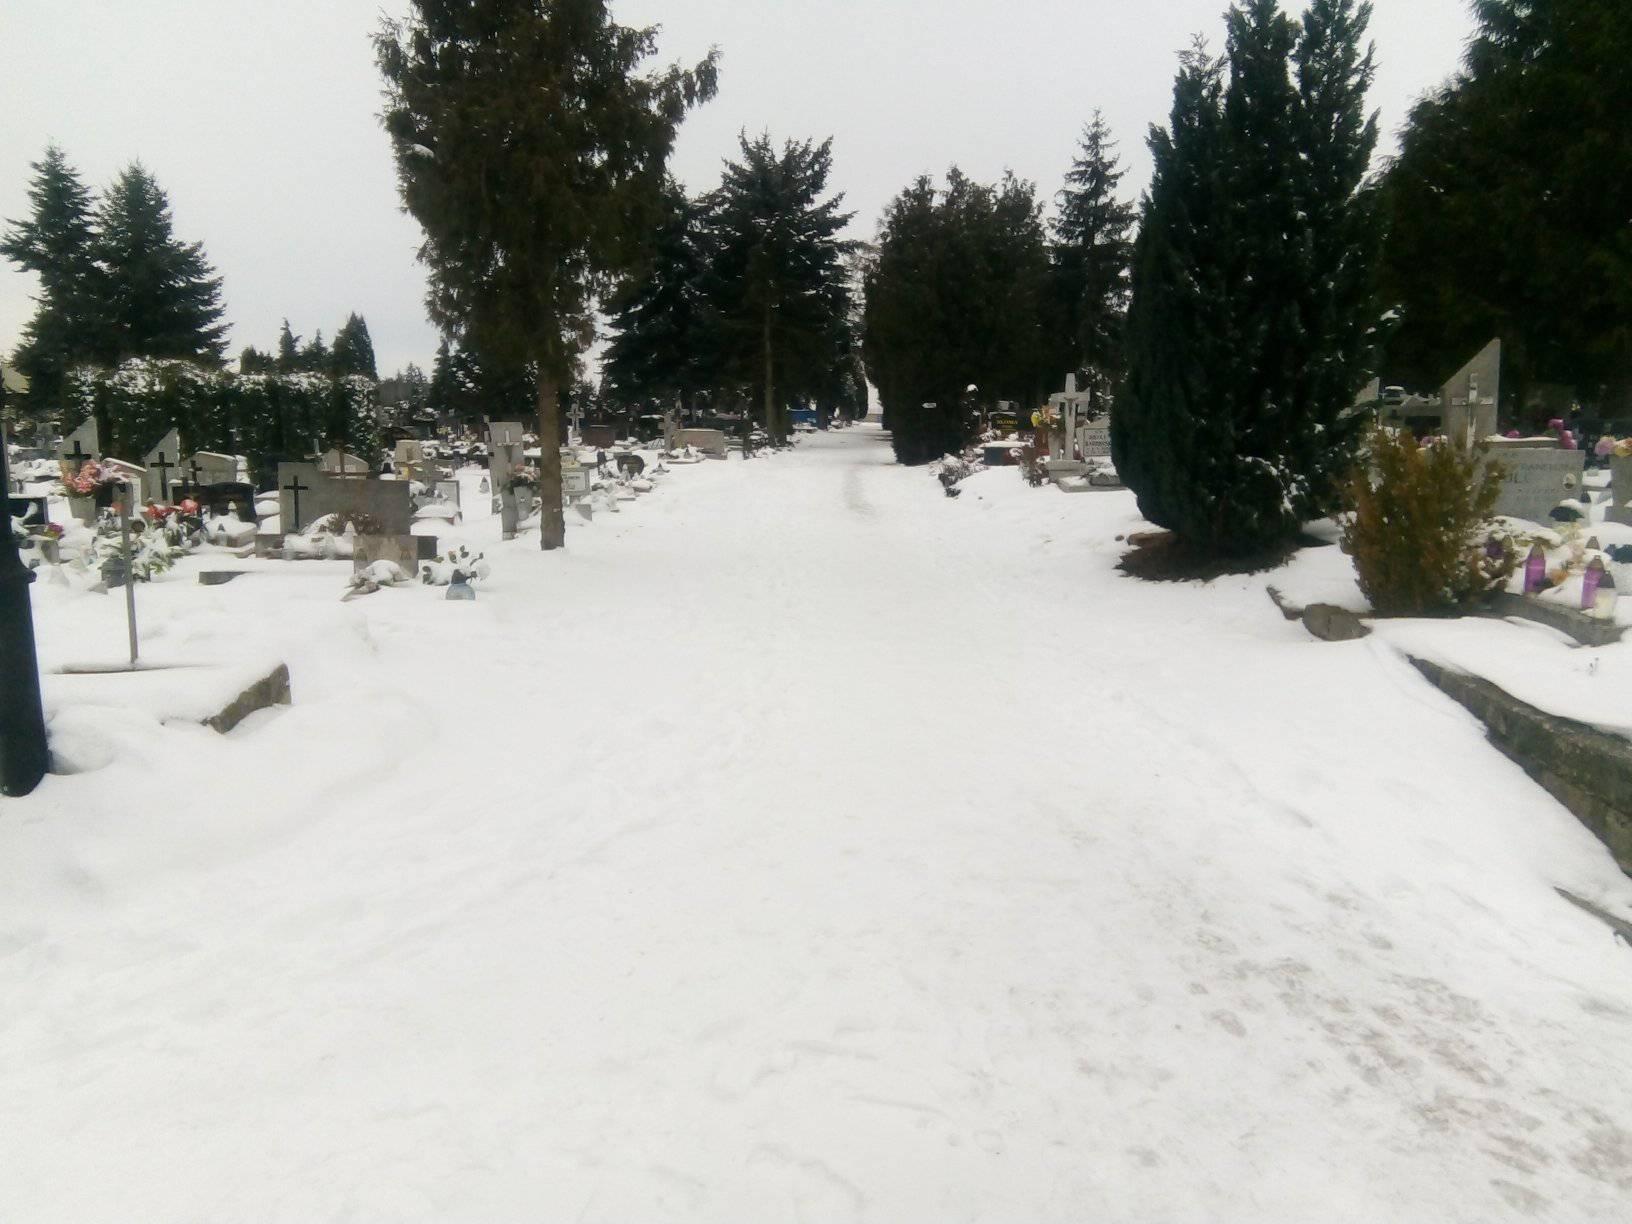 Dziś 7 lutego 2021 r. minęło pół roku odprzedwczesnej śmierci mojejMamy śp Renaty Bracka, którą odwiedziłem nazaniedbanym przezburmistrza Więcborka iZGK Więcbork więcborskim cmentarzu komunalnym - foto Tomasz Roman Bracka